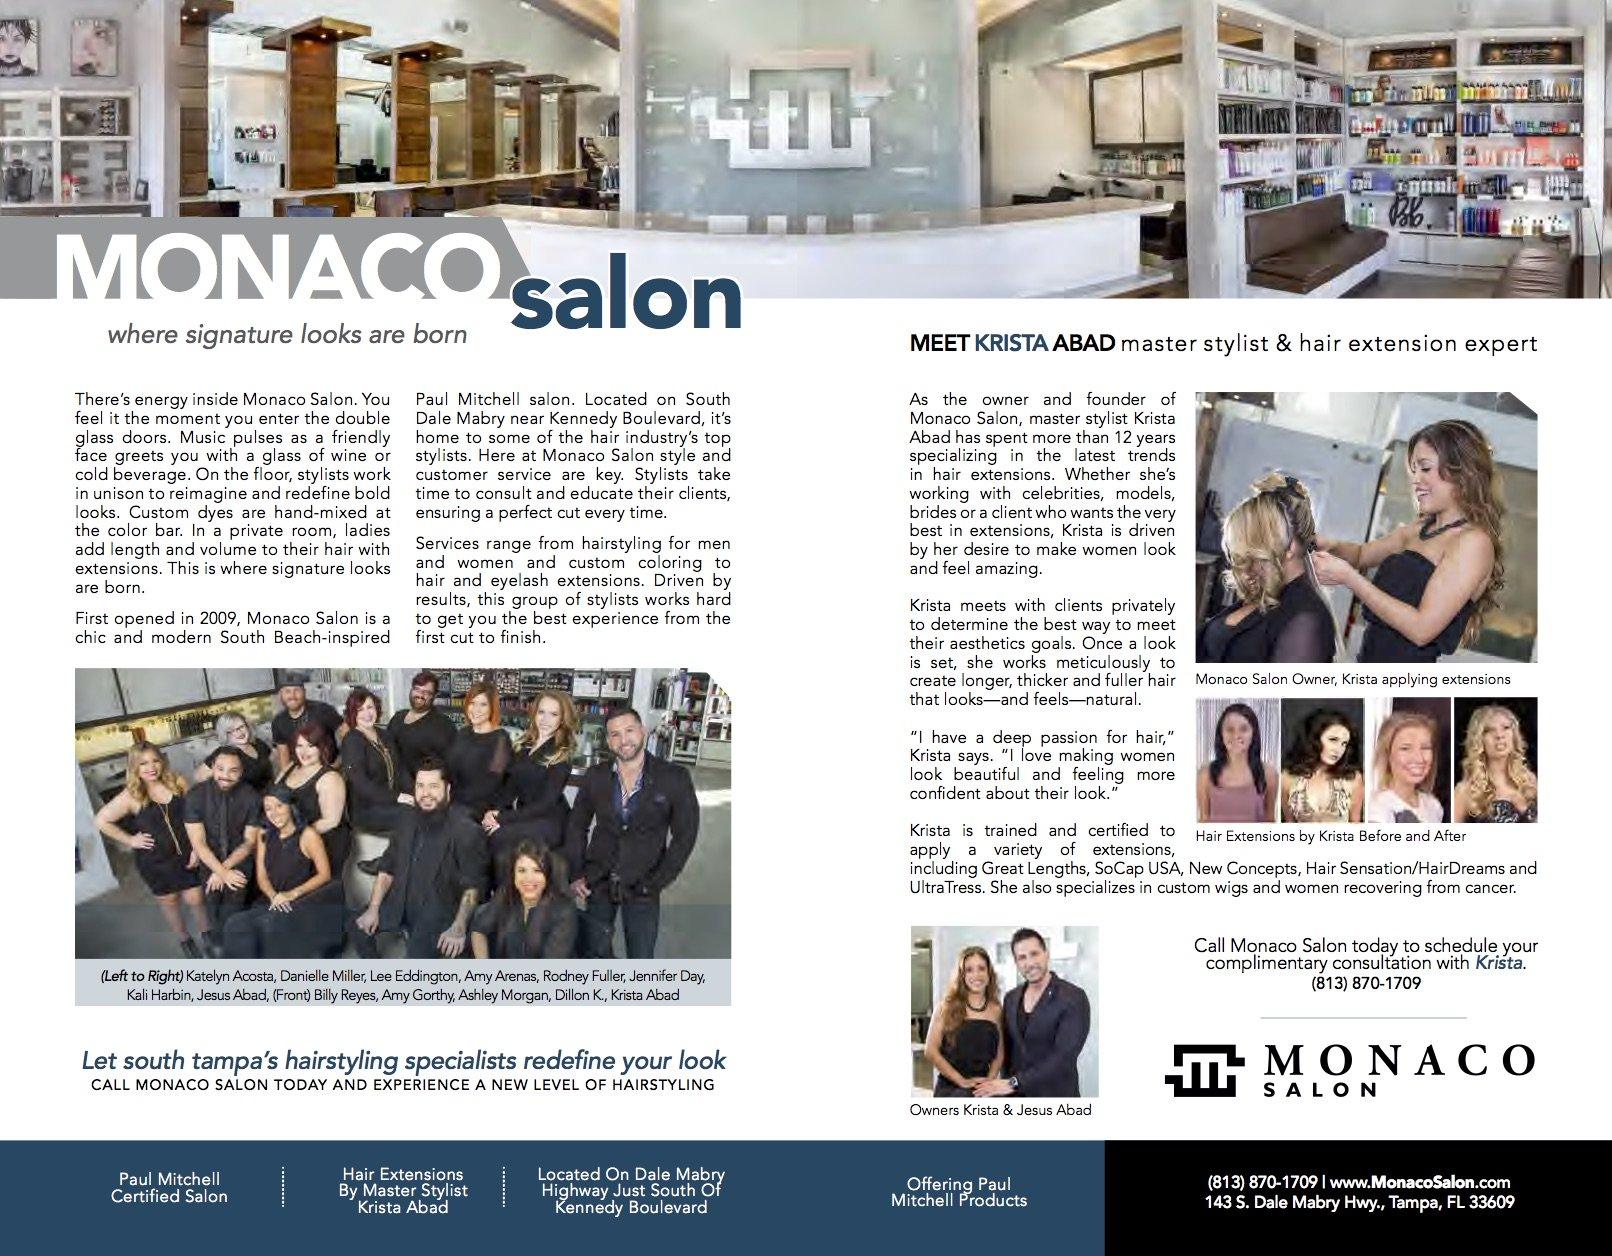 Monaco Salon featured in South Tampa Magazine!